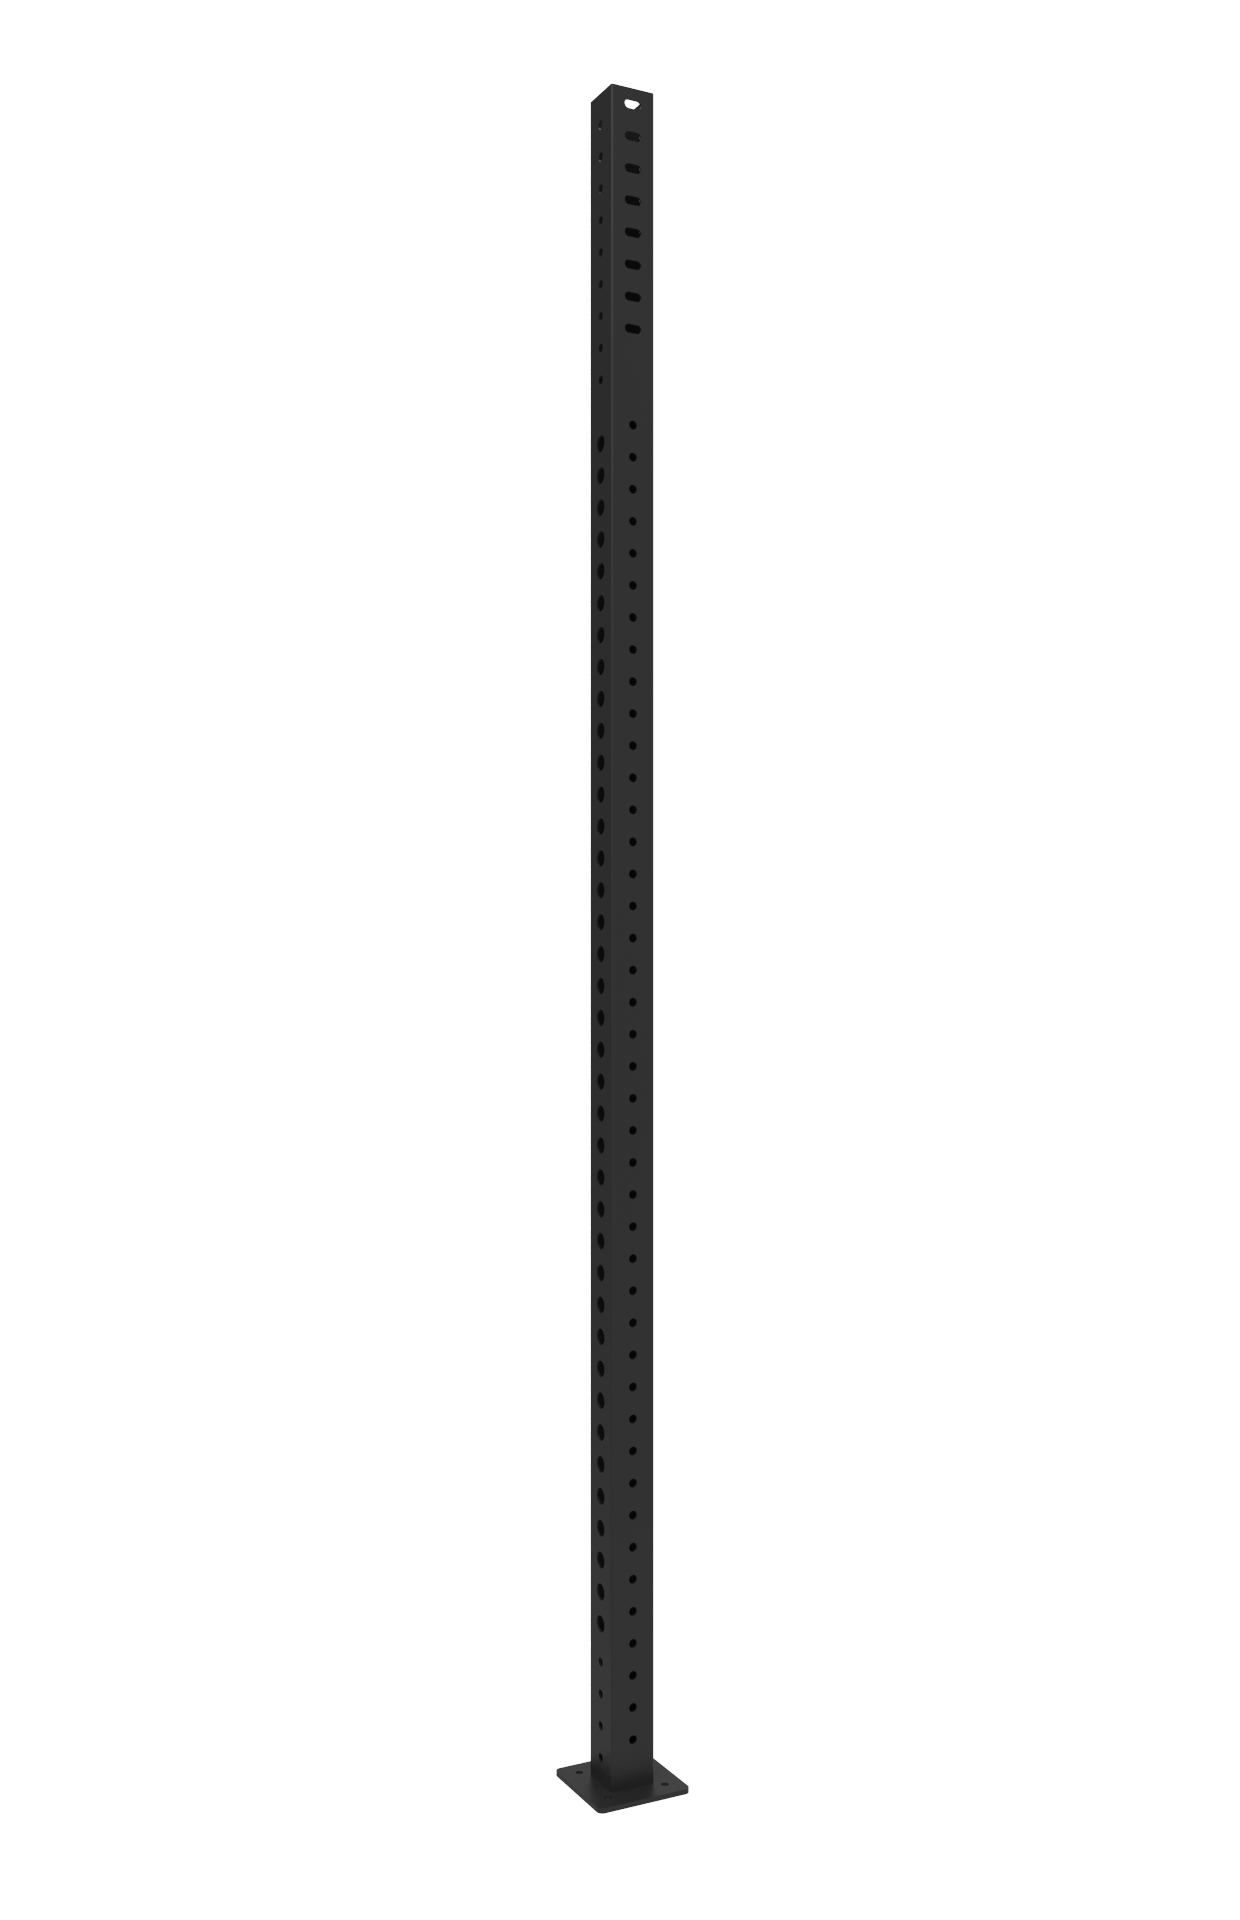 Crossmaxx XL Upright Stand 265 cm